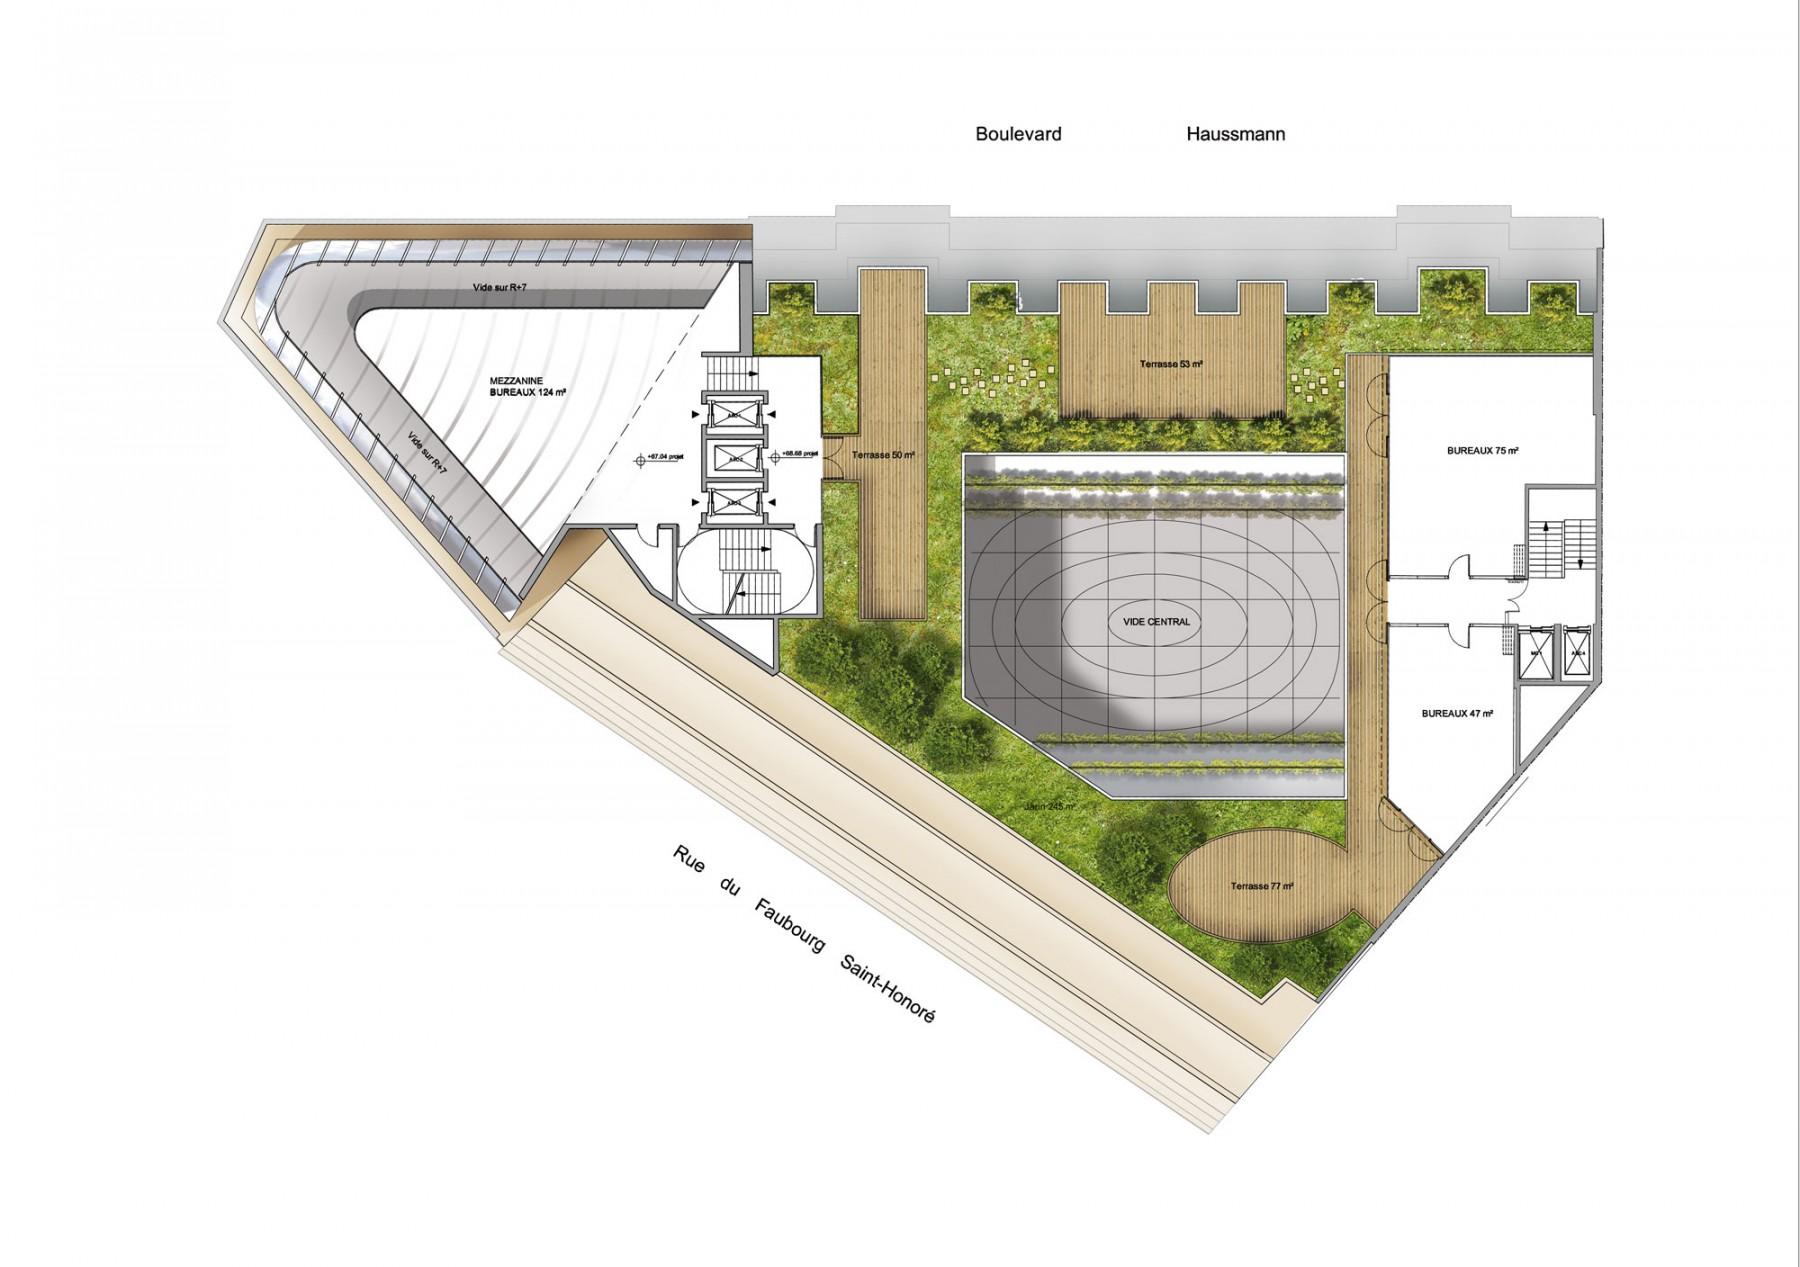 Immeuble de bureaux boulevard haussmann paris moatti & rivière